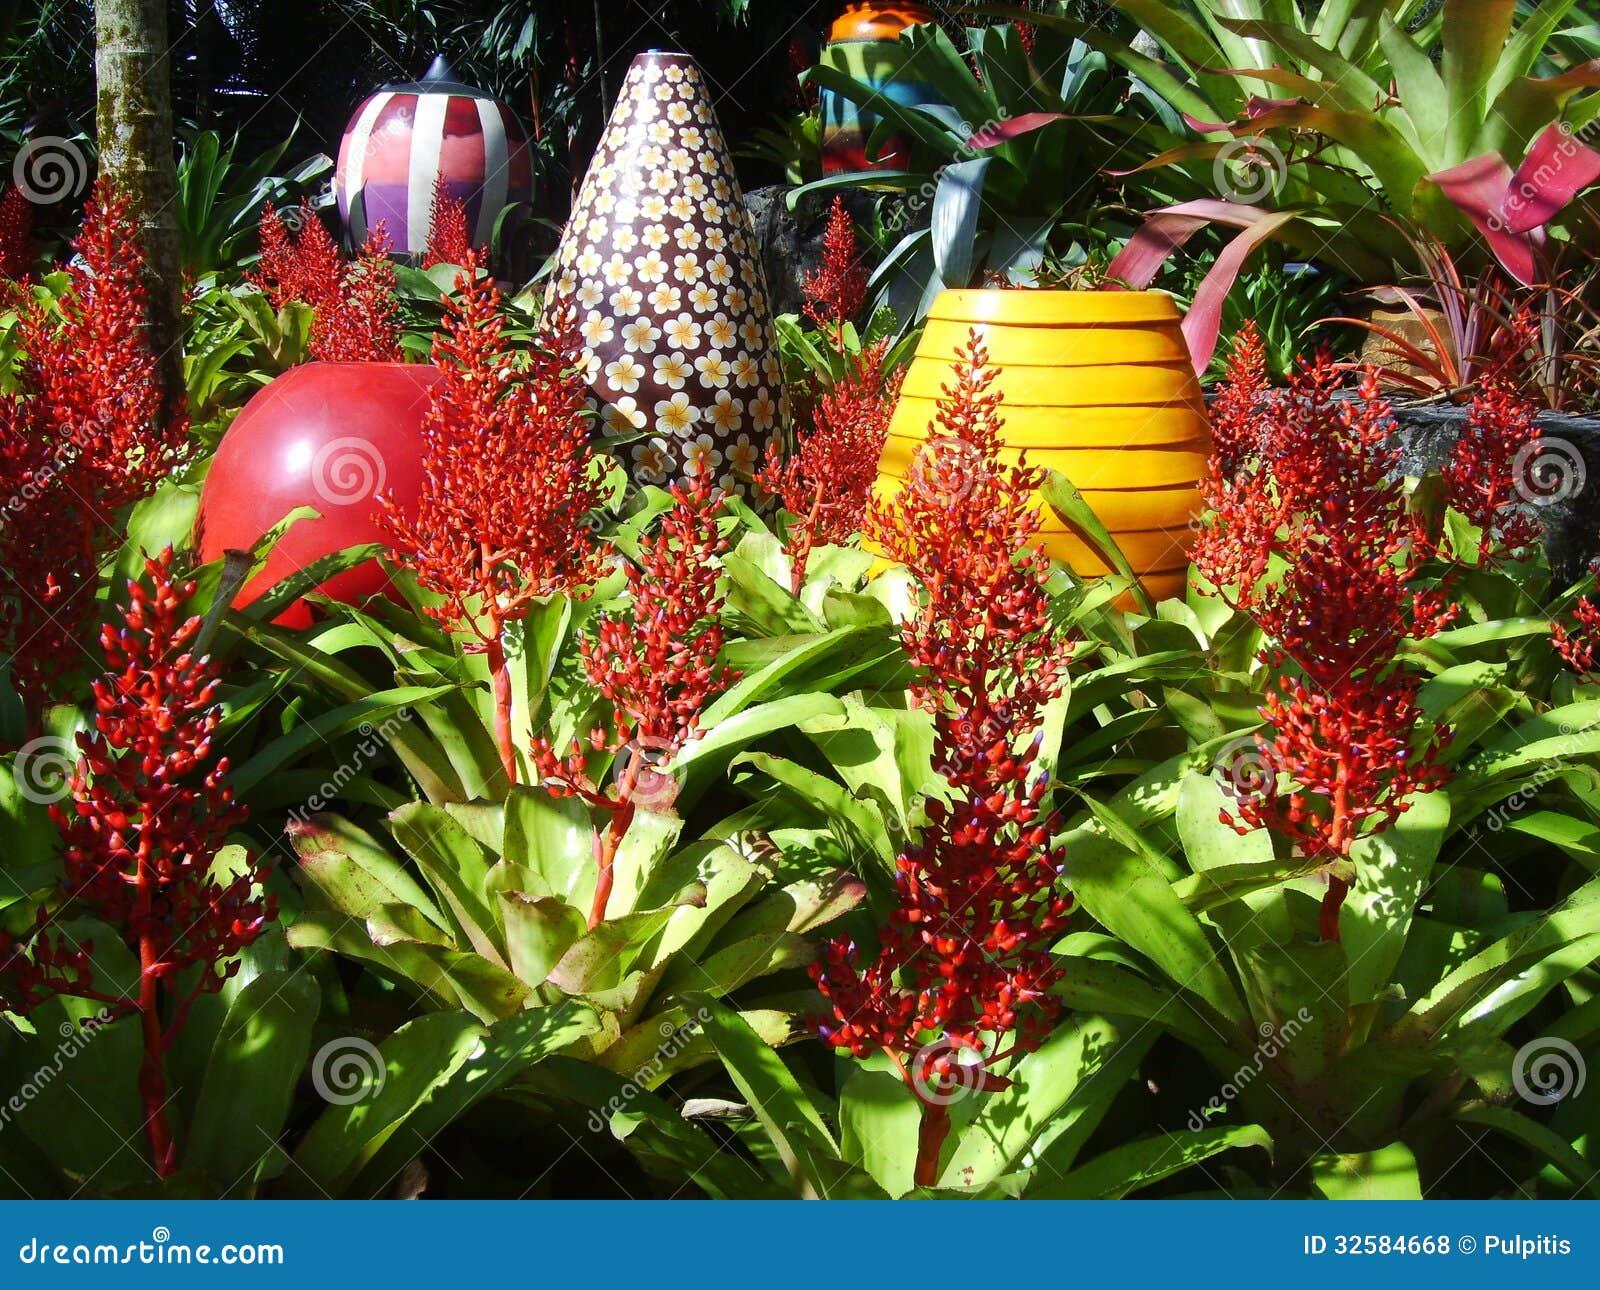 Cheap download grande vaso fiorito per decorare un giardino di bromeliacea fotografia stock - Decorare un giardino ...